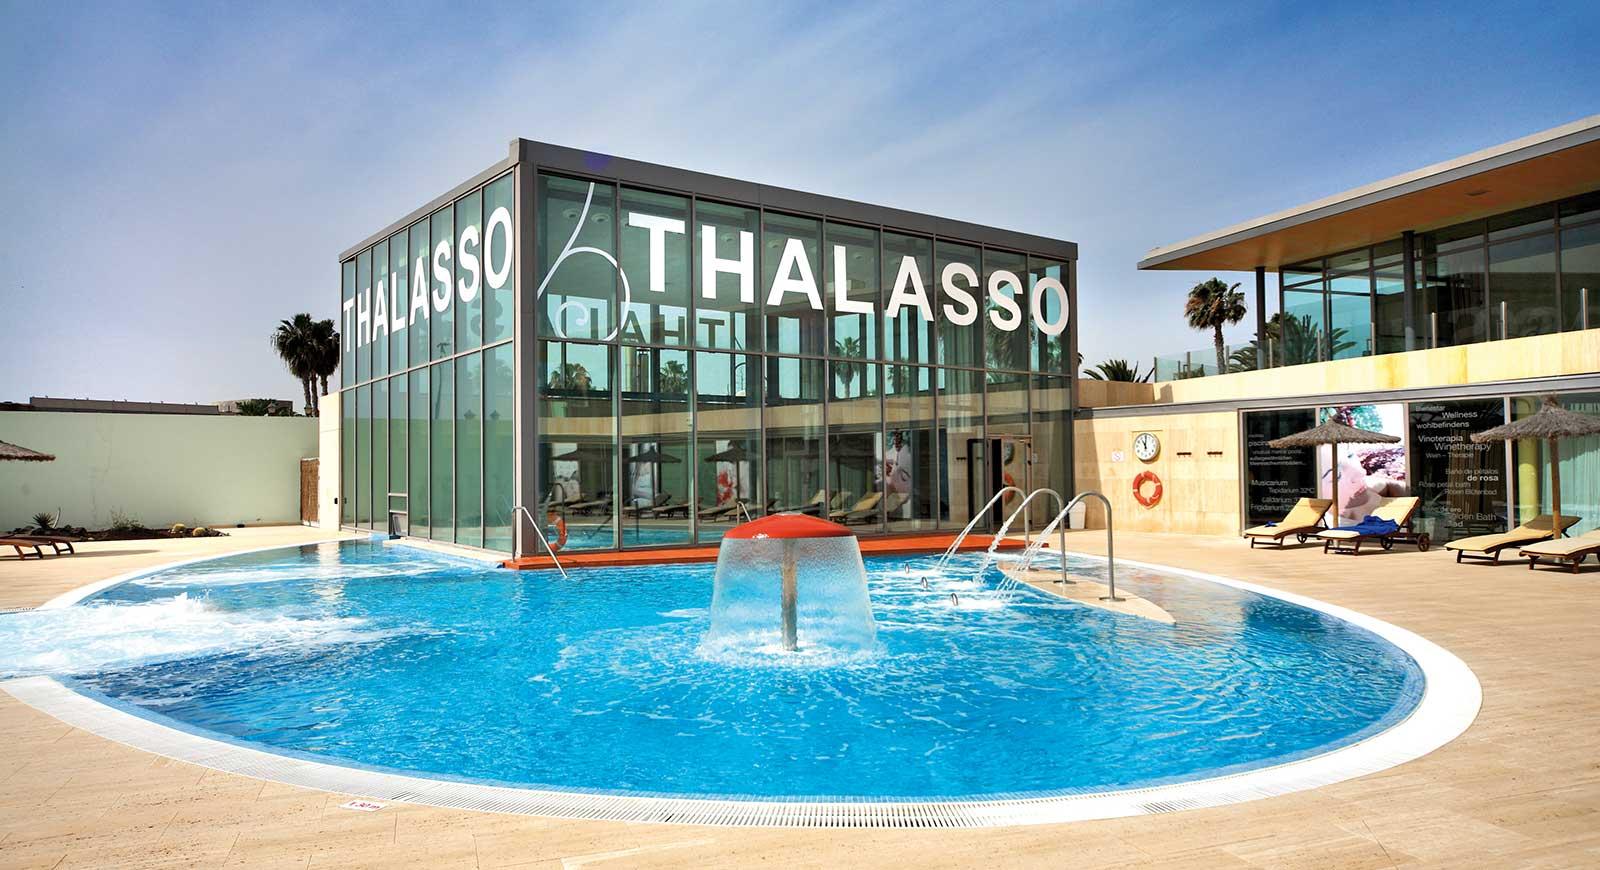 Centre Thalassothérapie